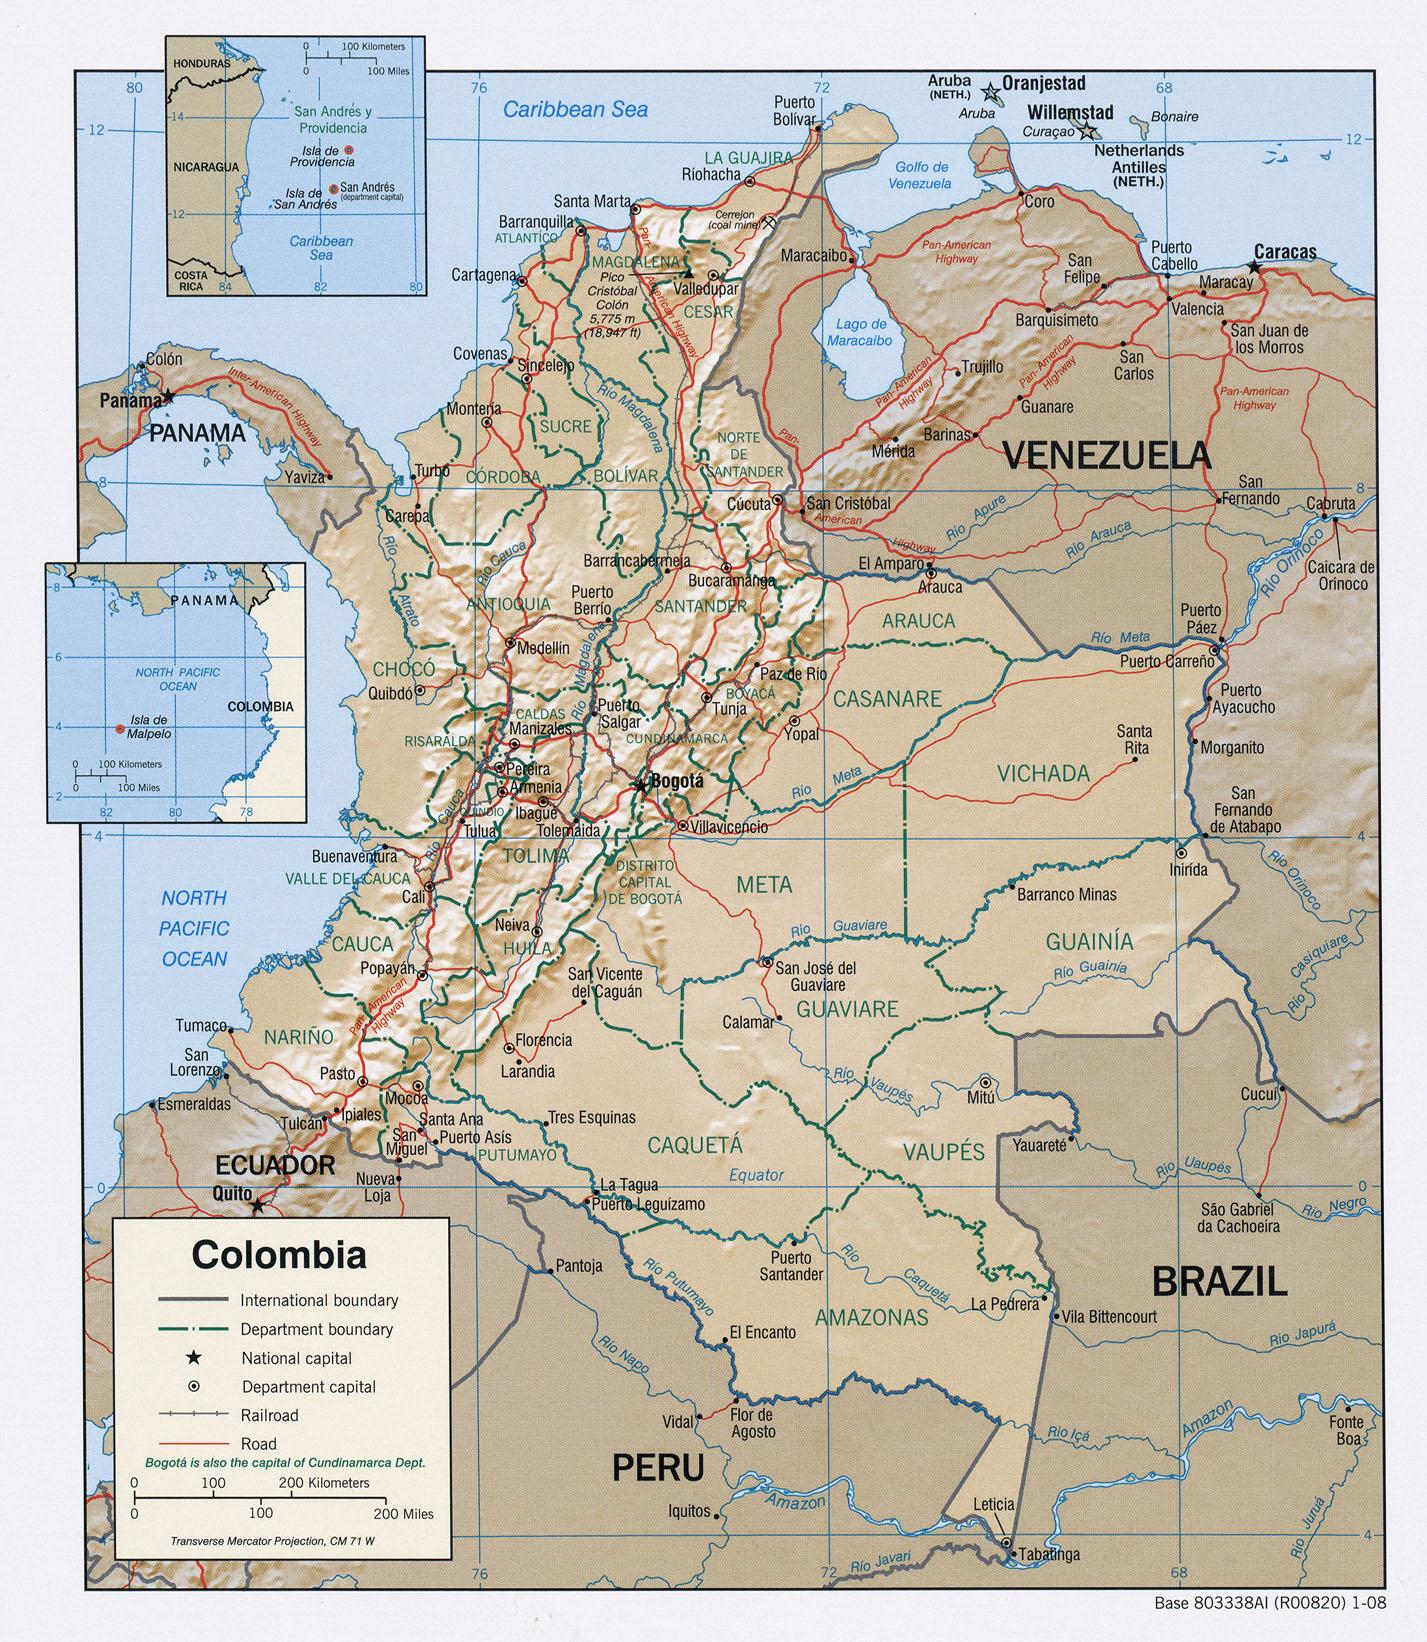 Carte géopolitique de la Colombie